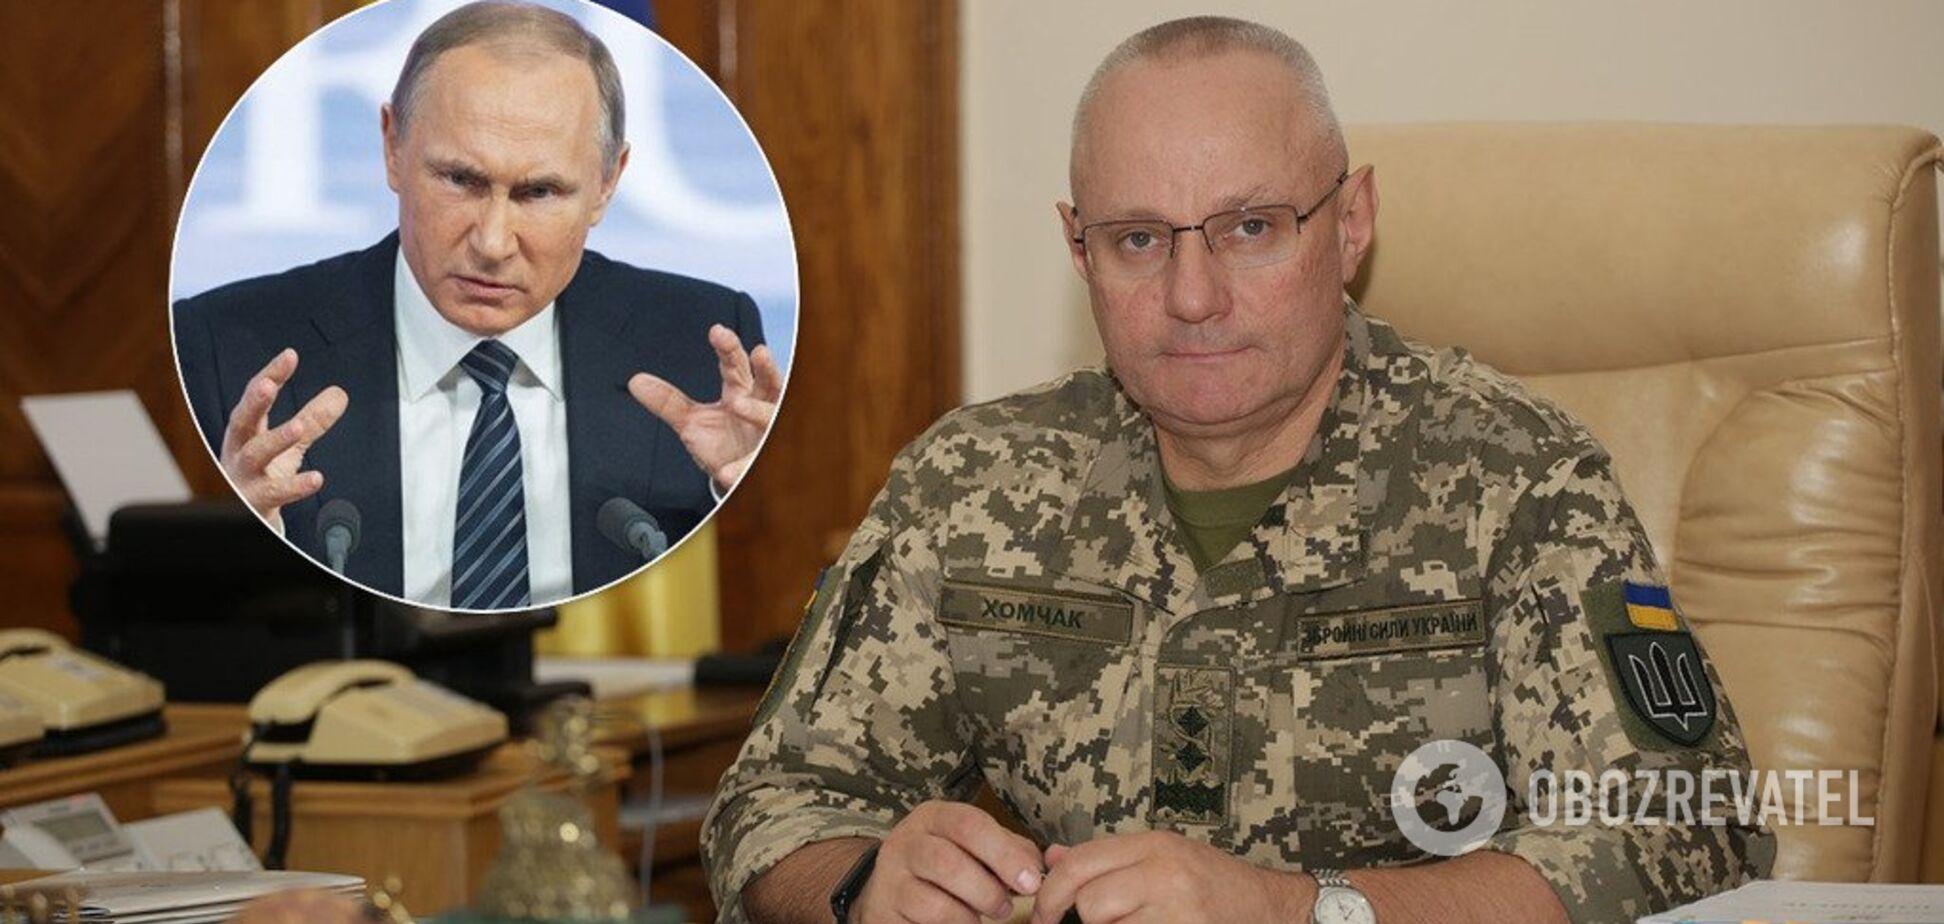 'Война на всех фронтах': в Генштабе оценили наглое заявление Путина об Украине